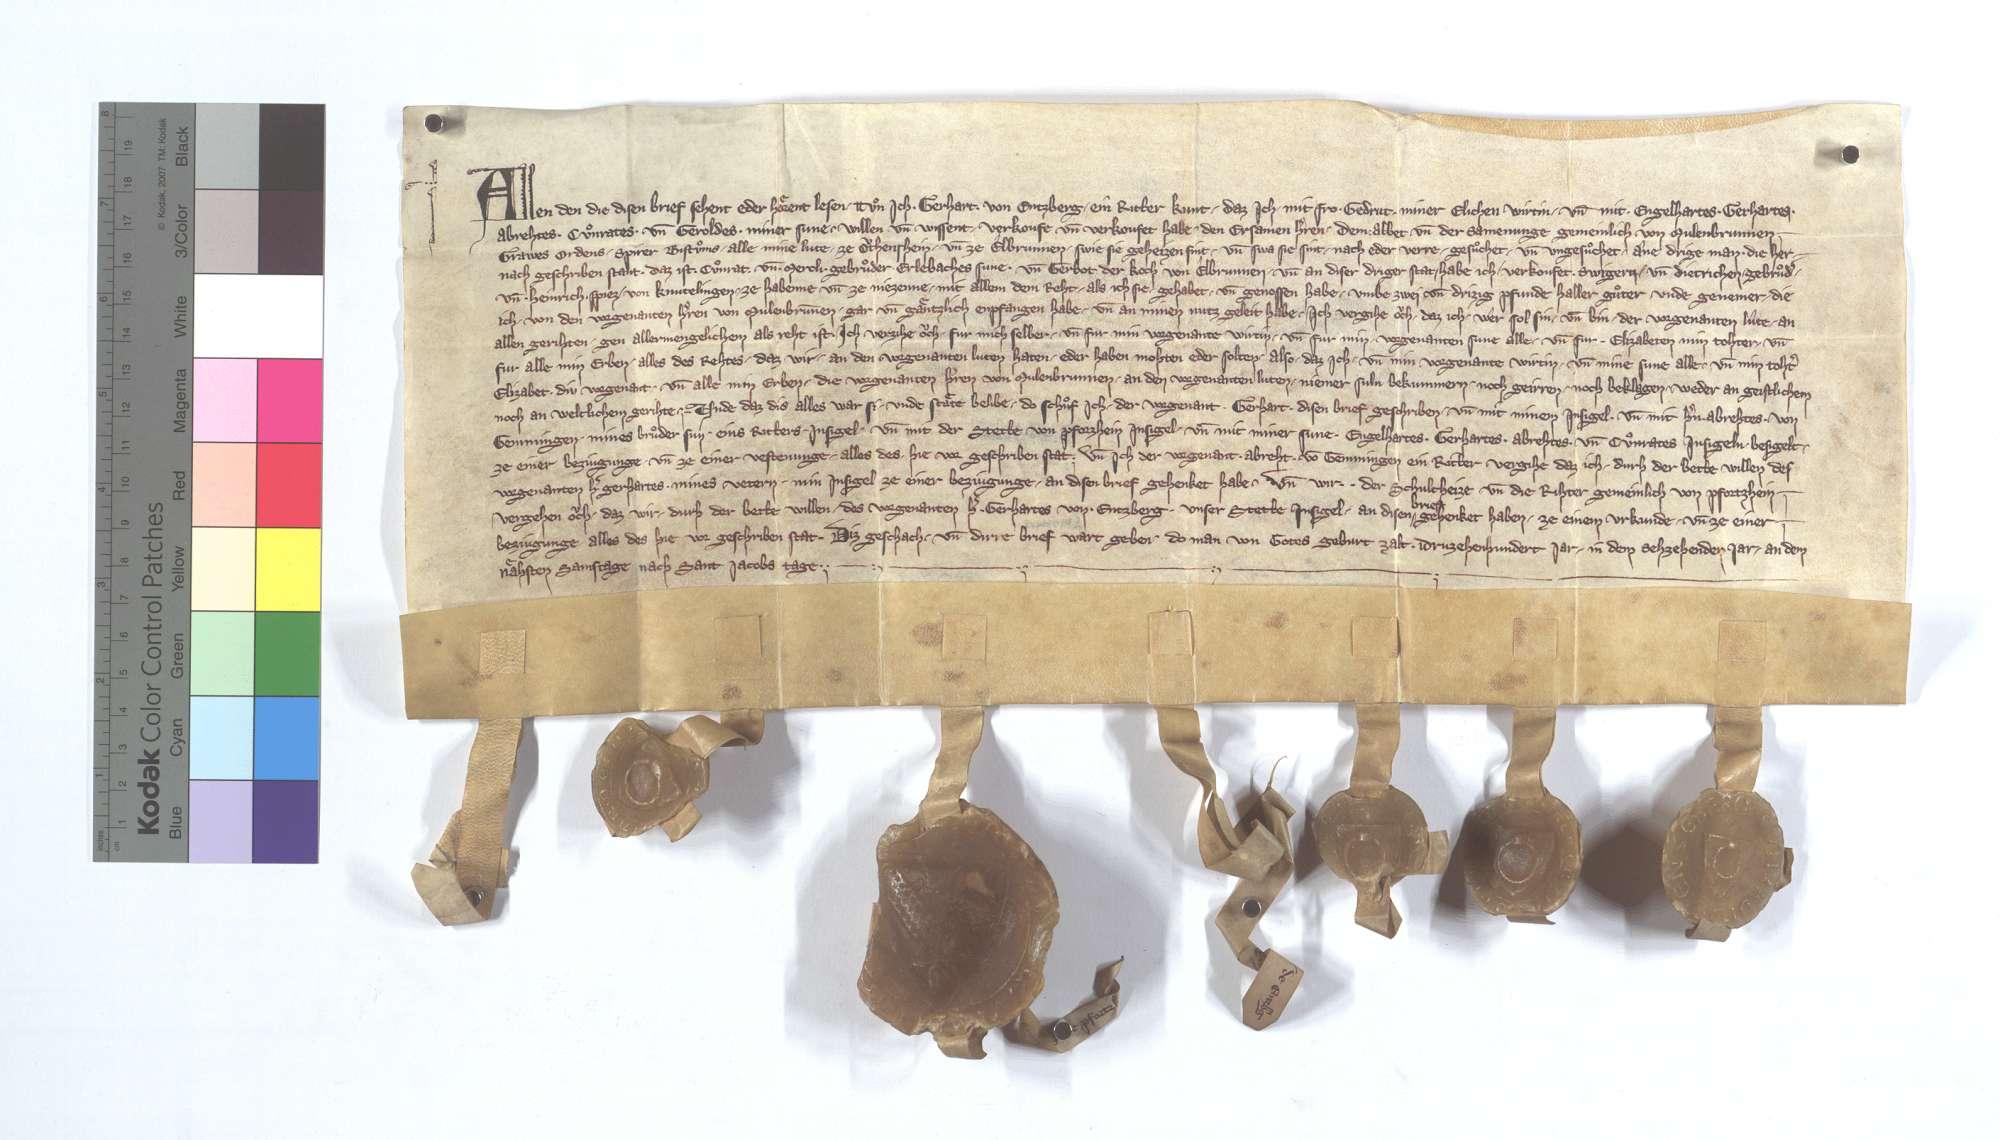 Gerhard von Enzberg verkauft dem Kloster Maulbronn seine Leibeigenen in Ötisheim und Ölbronn., Text